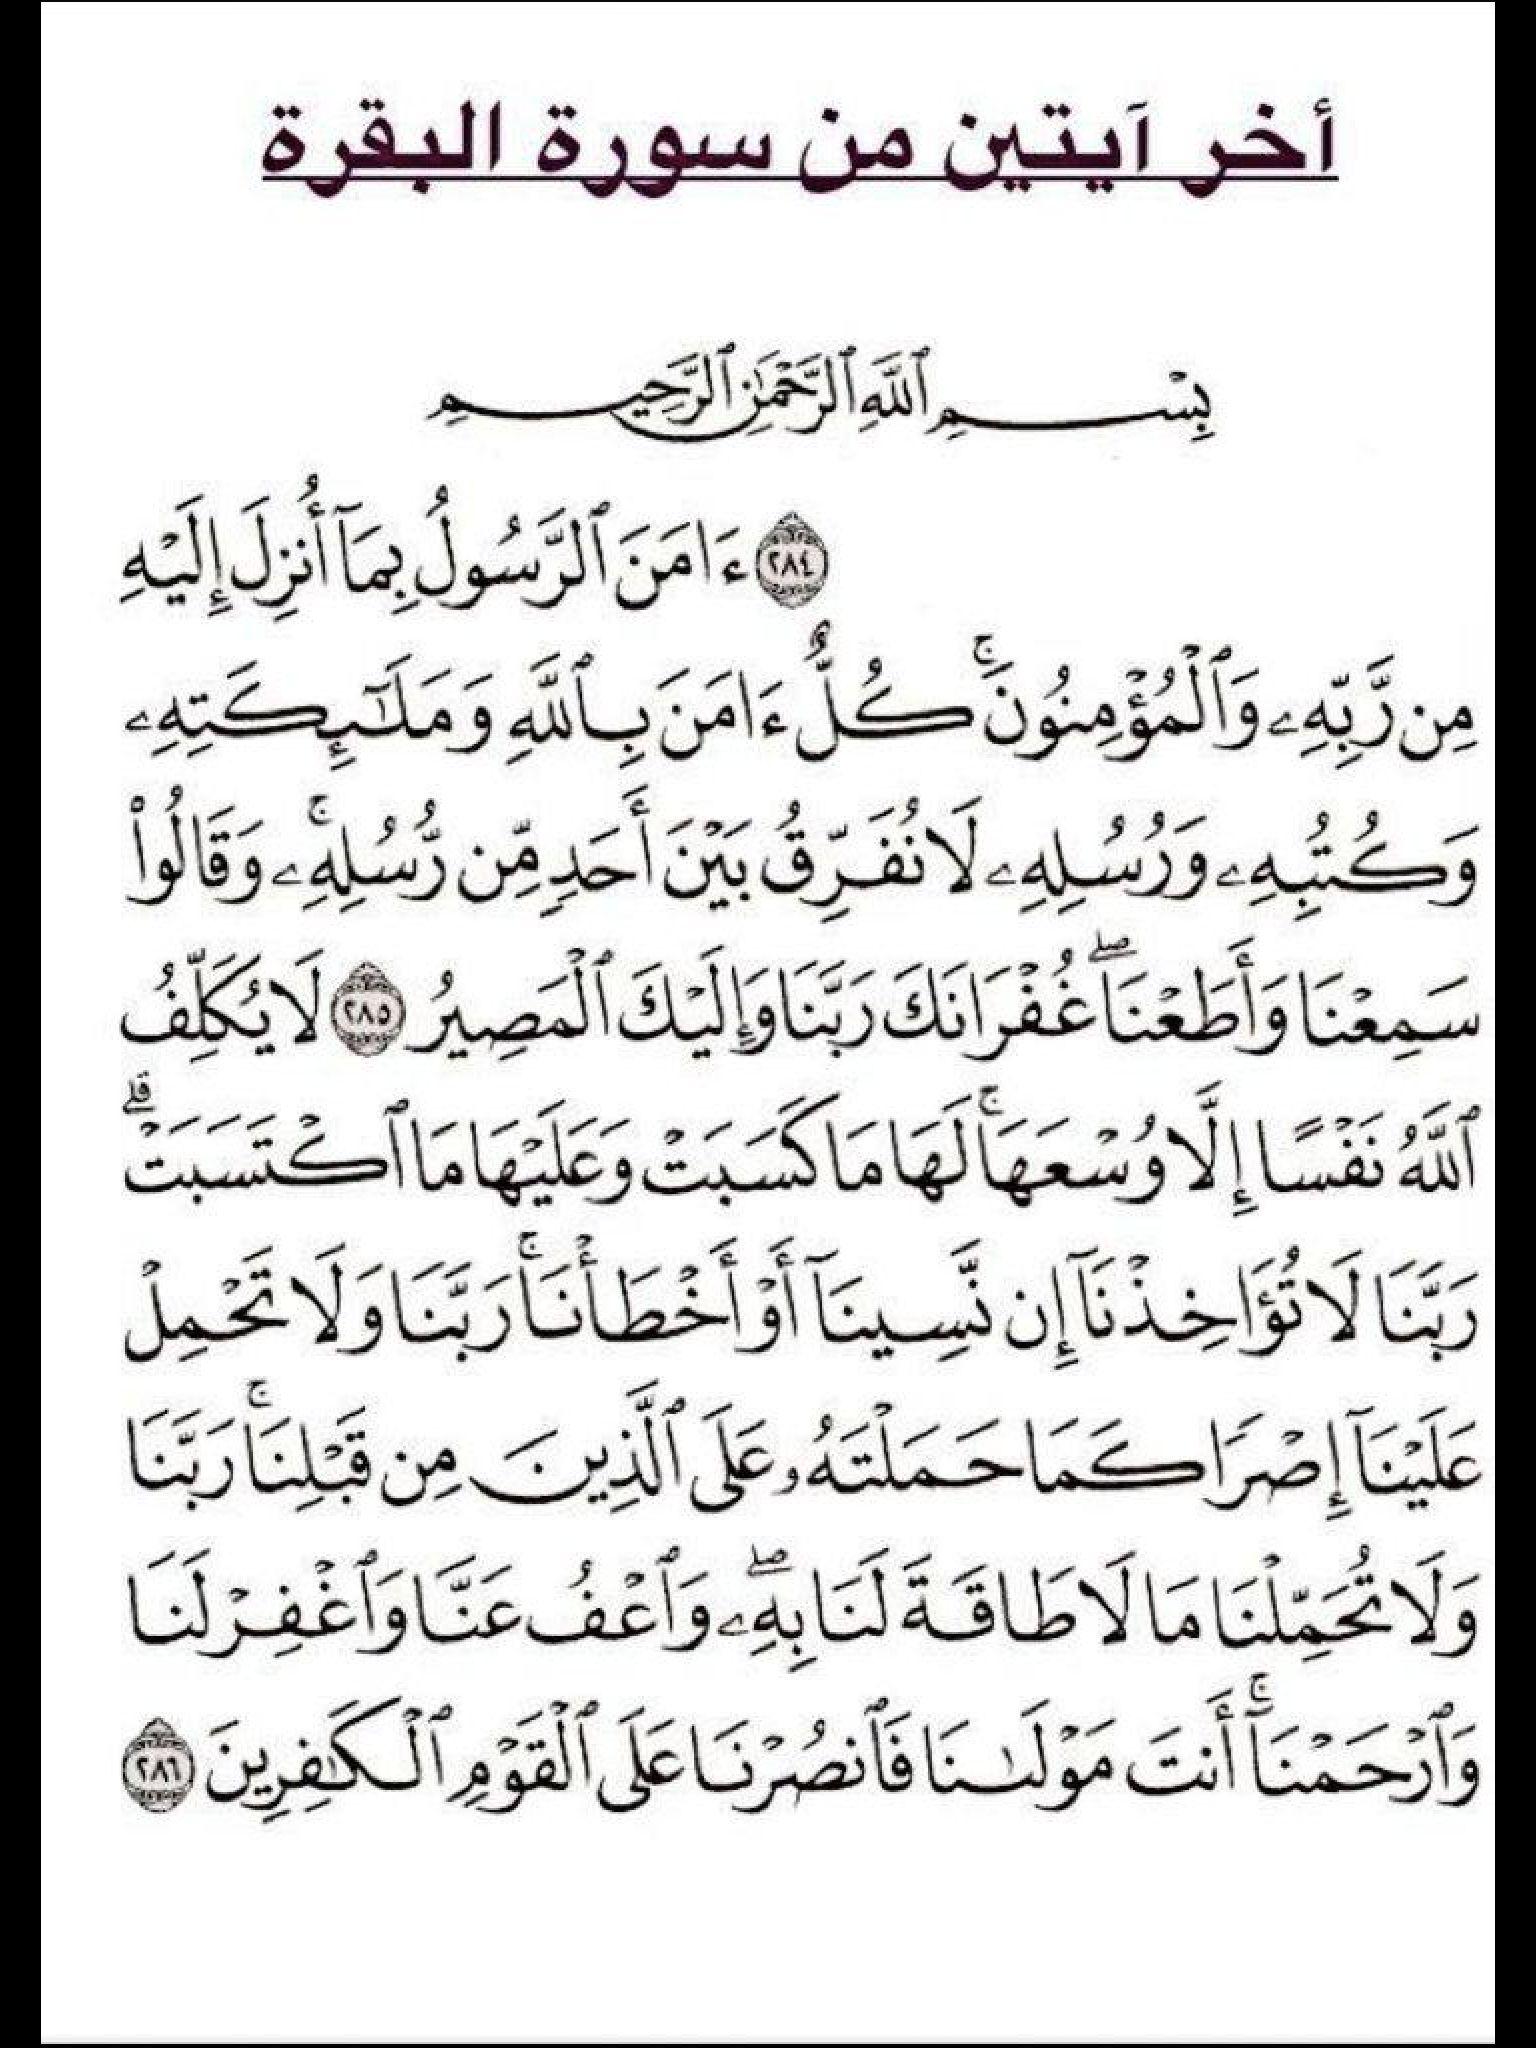 الآيتين الأخيرتين من سورة البقرة Holy Quran Math Words